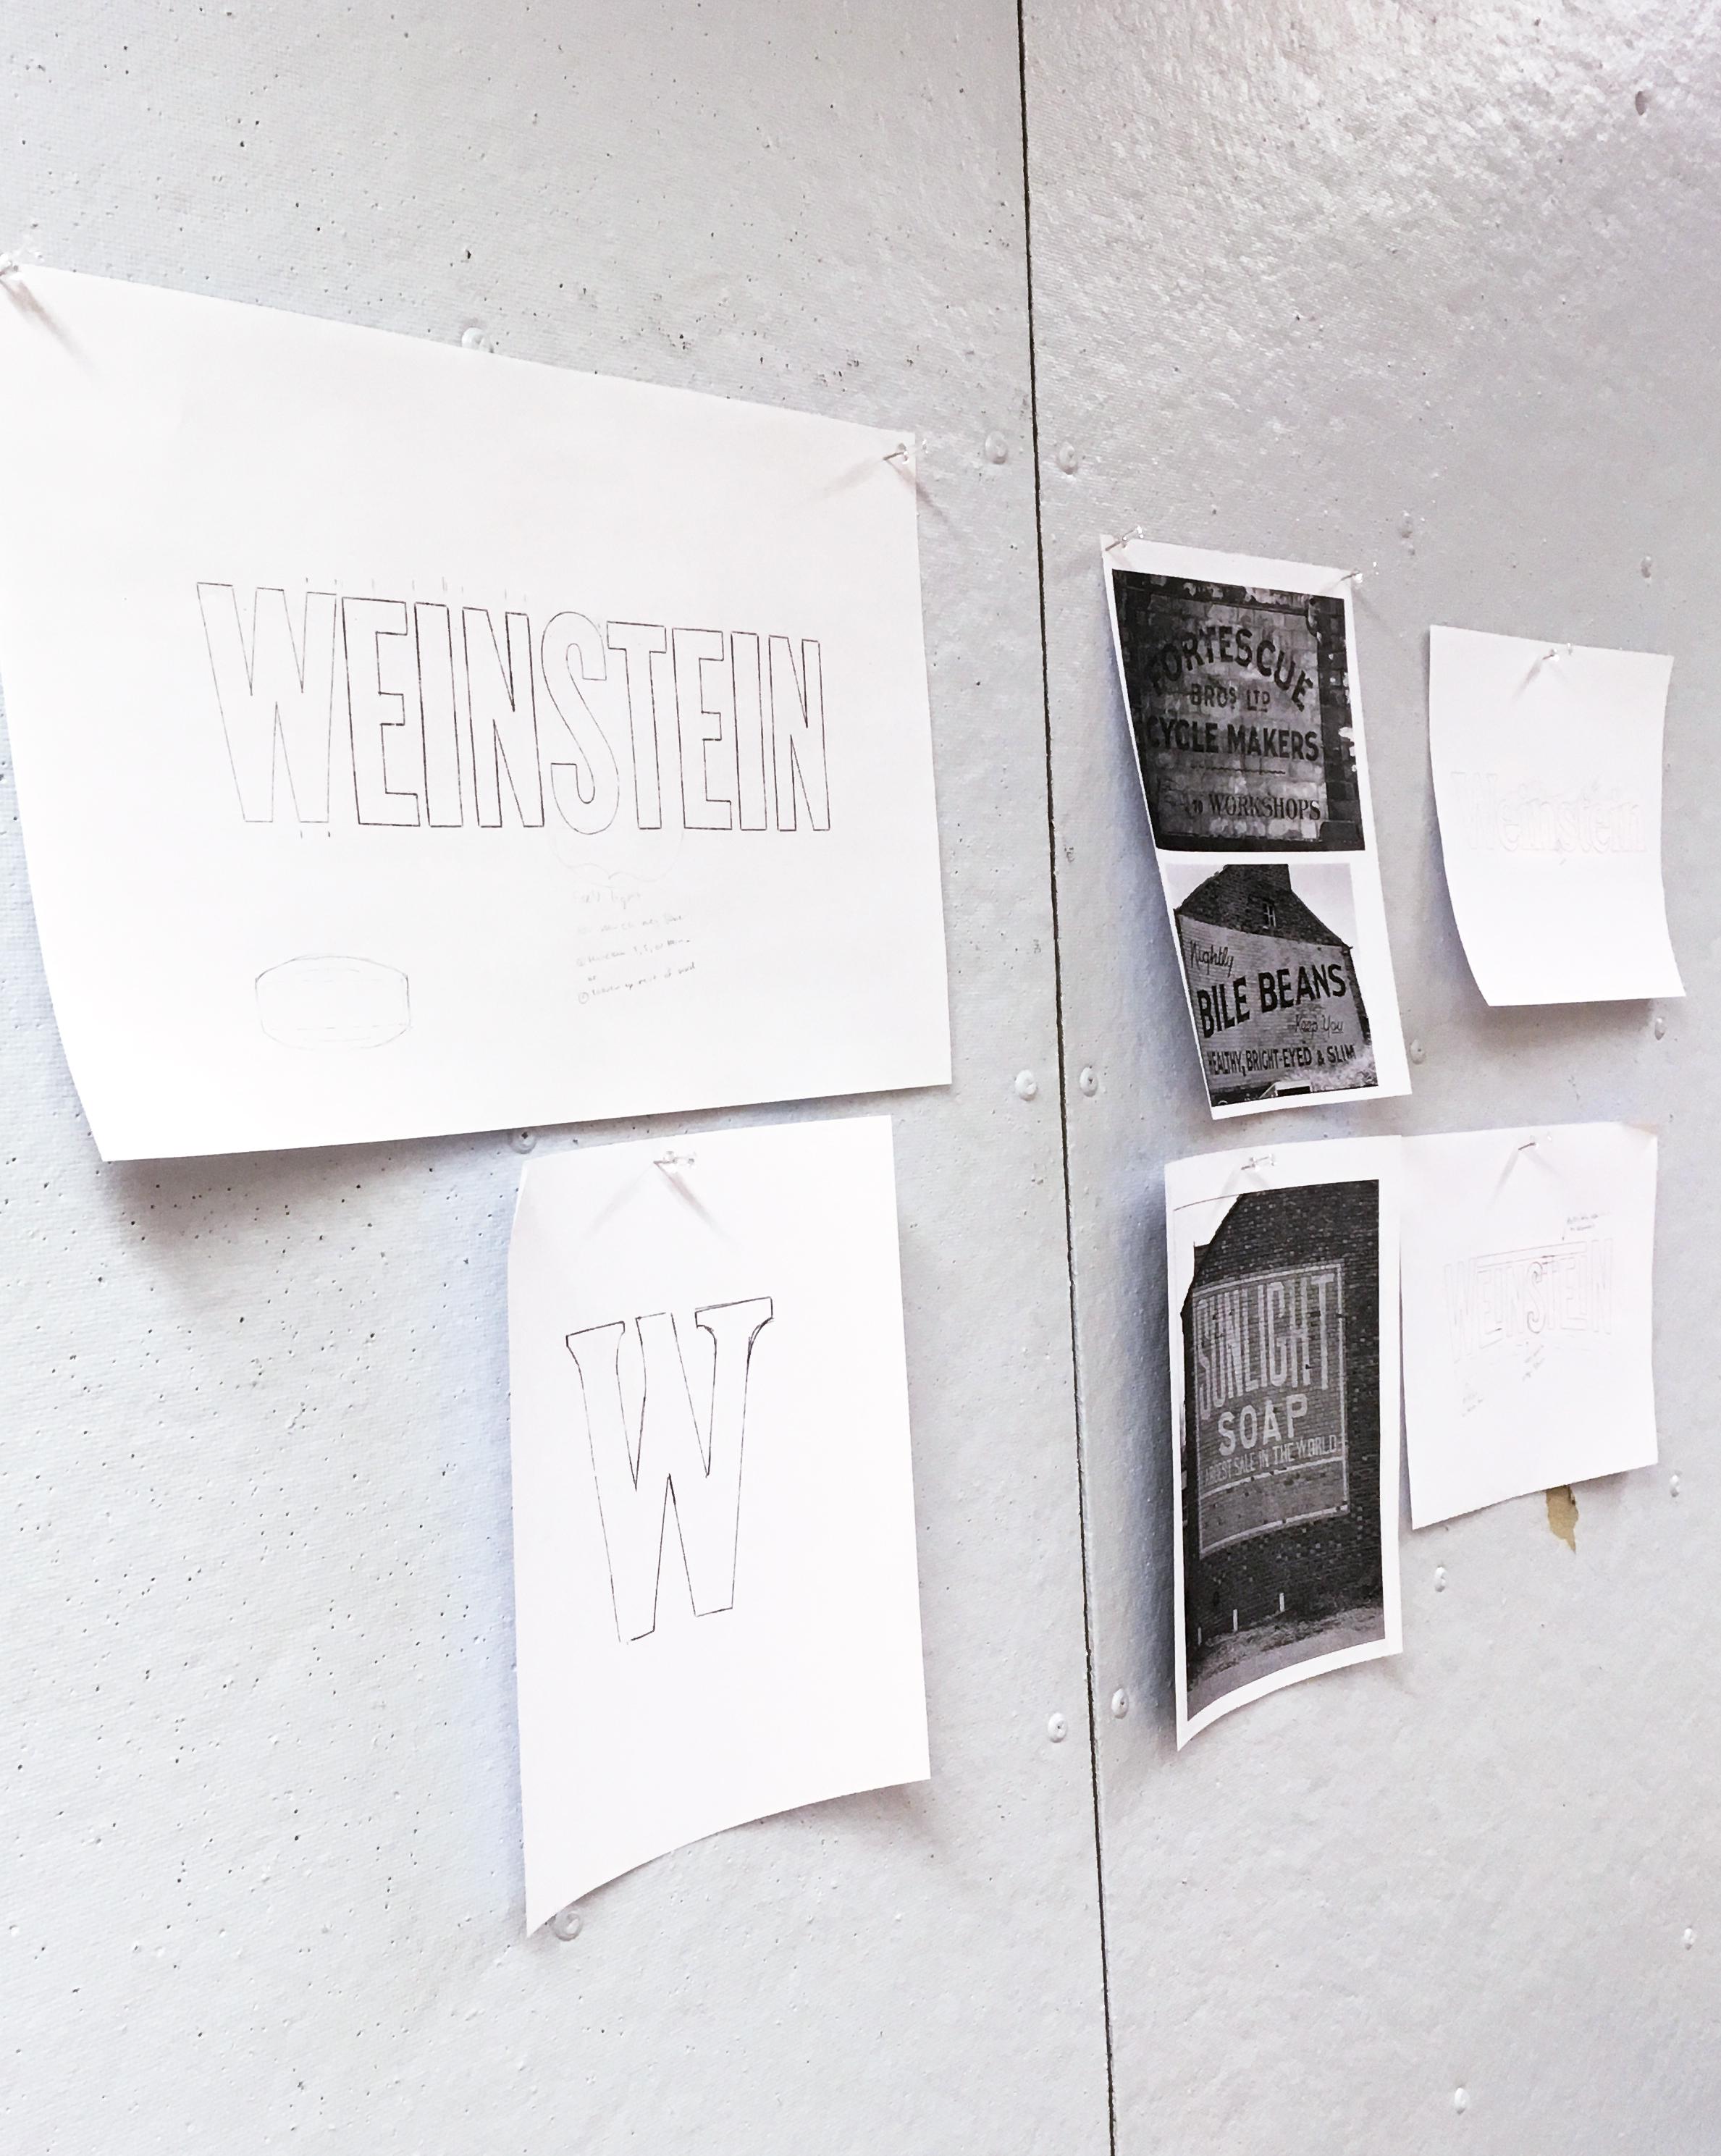 Wein_Brand_strategy.jpg